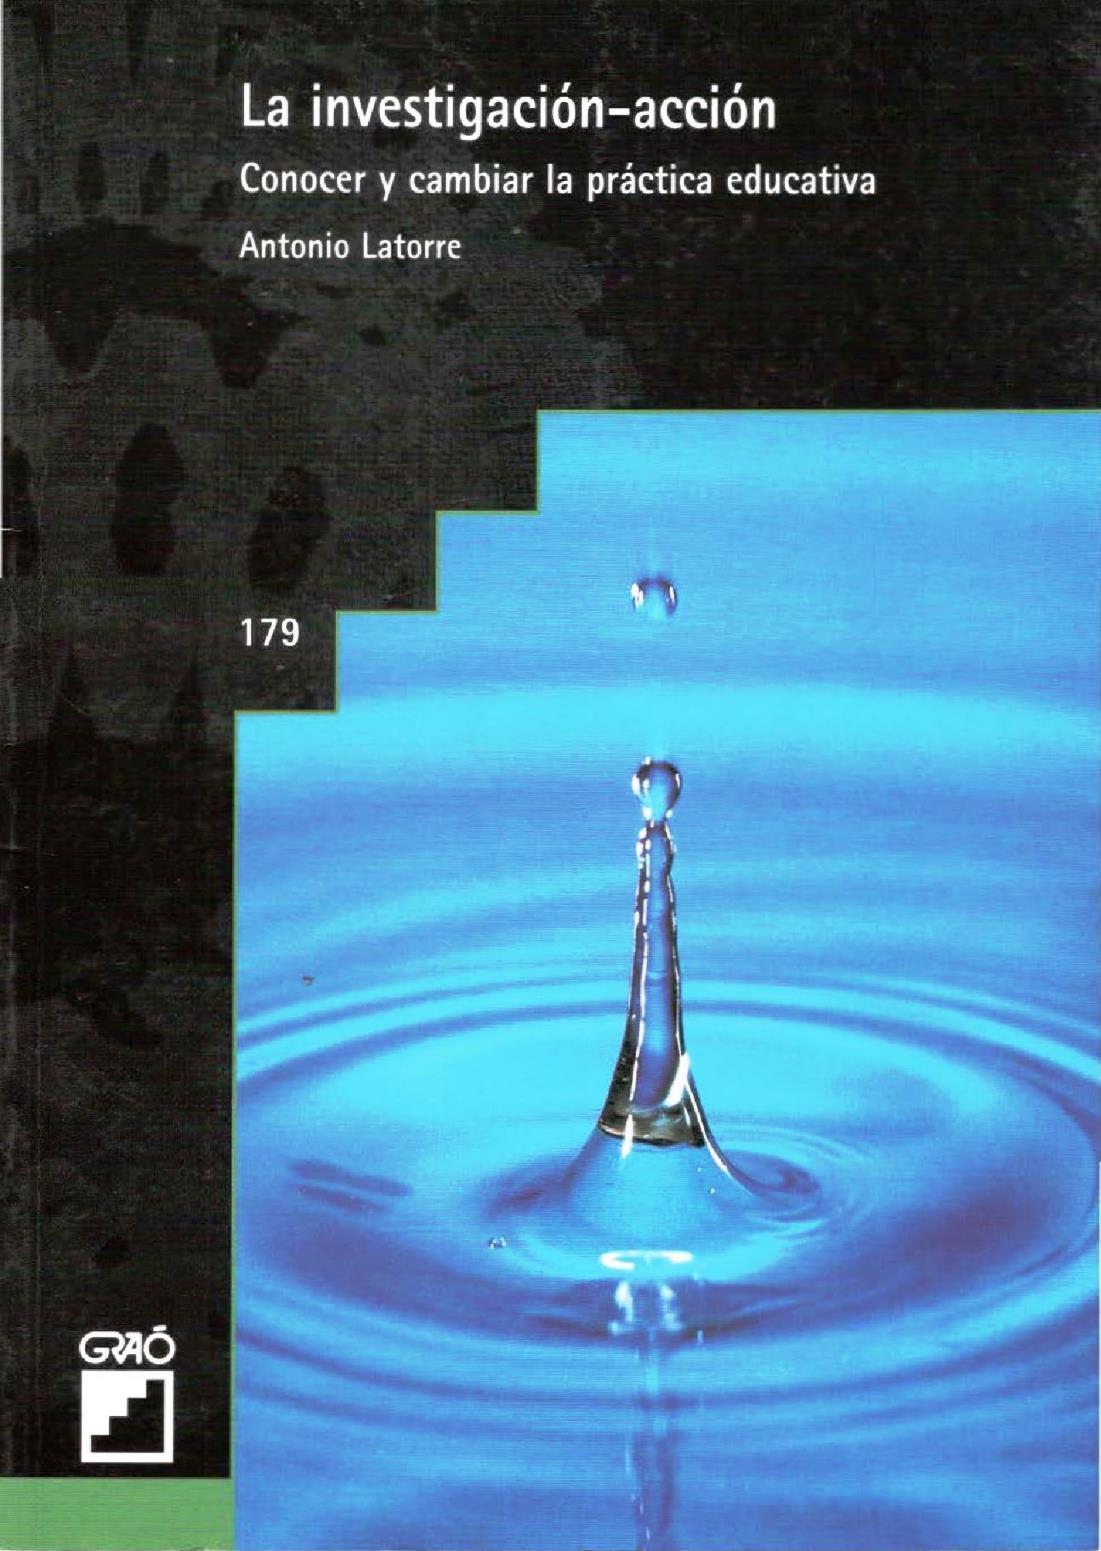 La investigación-acción: Conocer y cambiar la práctica educativa – Antonio Latorre